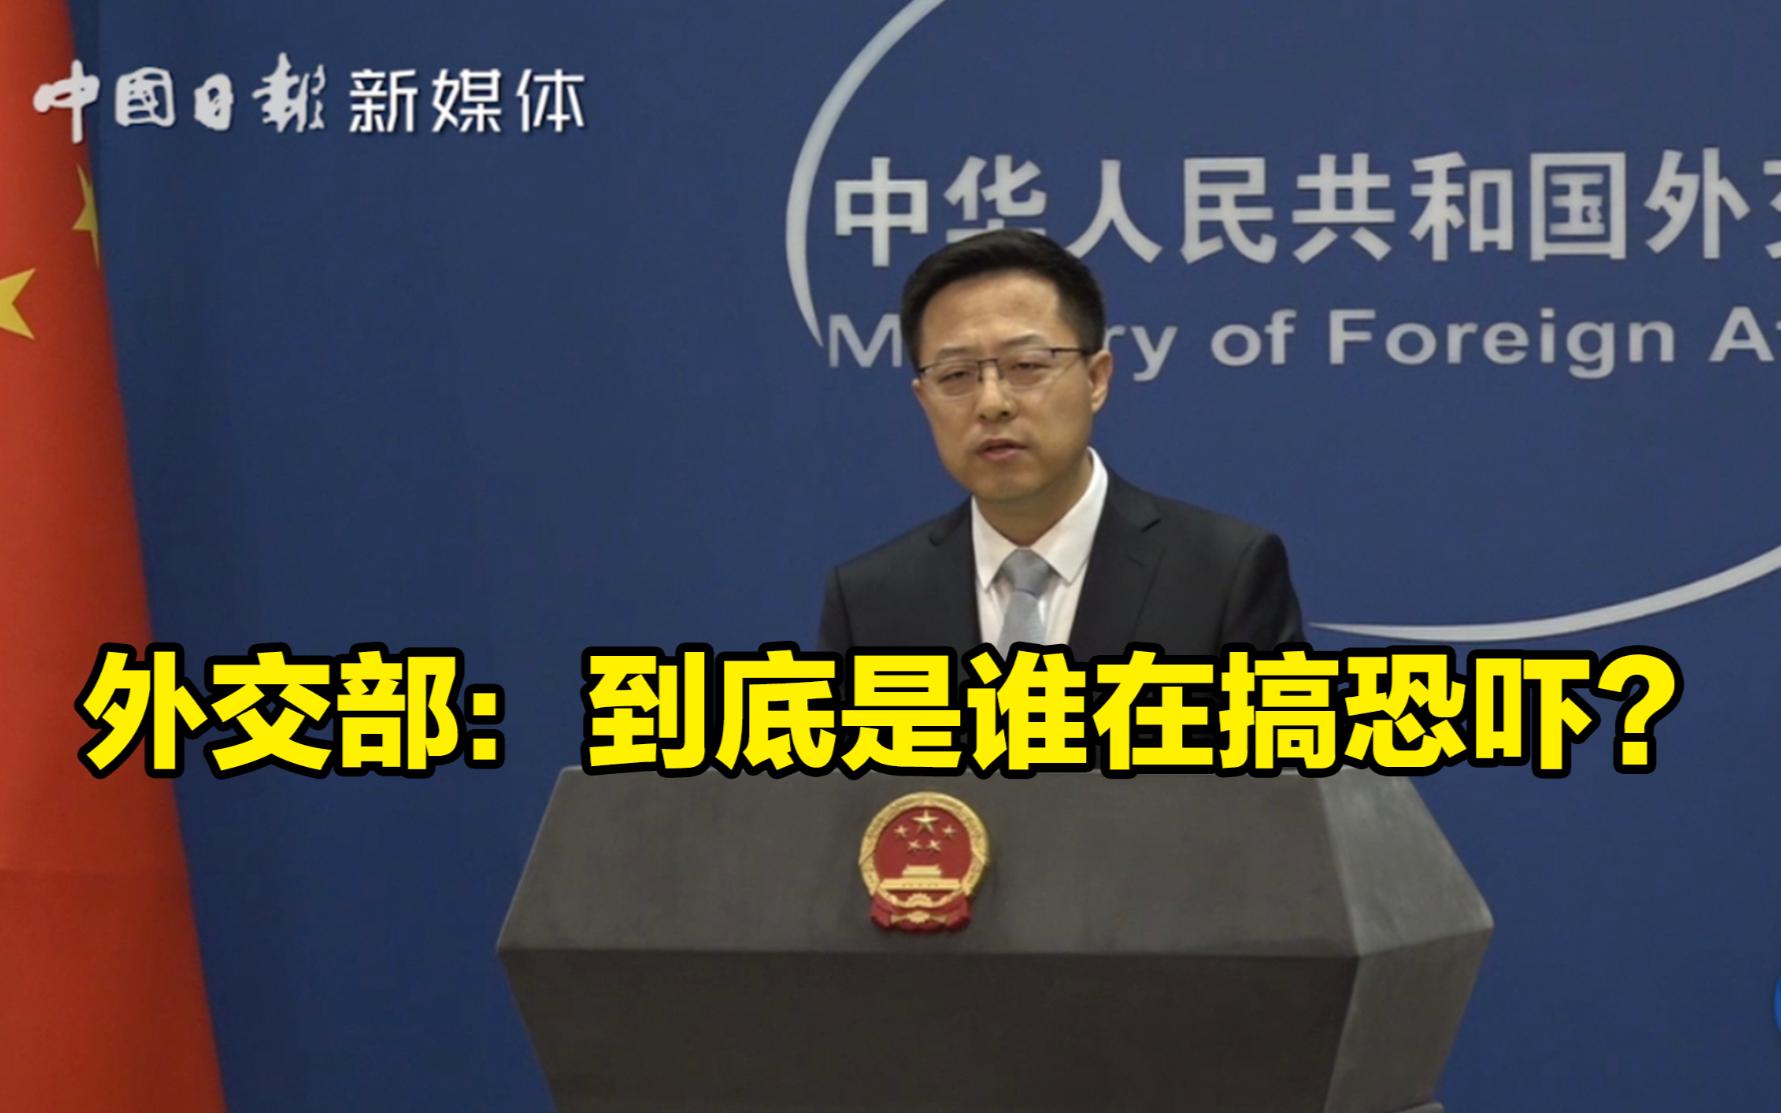 """美诬称中国在台海""""恐吓"""" 赵立坚:中国军舰去墨西哥湾耀武扬威了吗?到底是谁在搞恐吓?"""